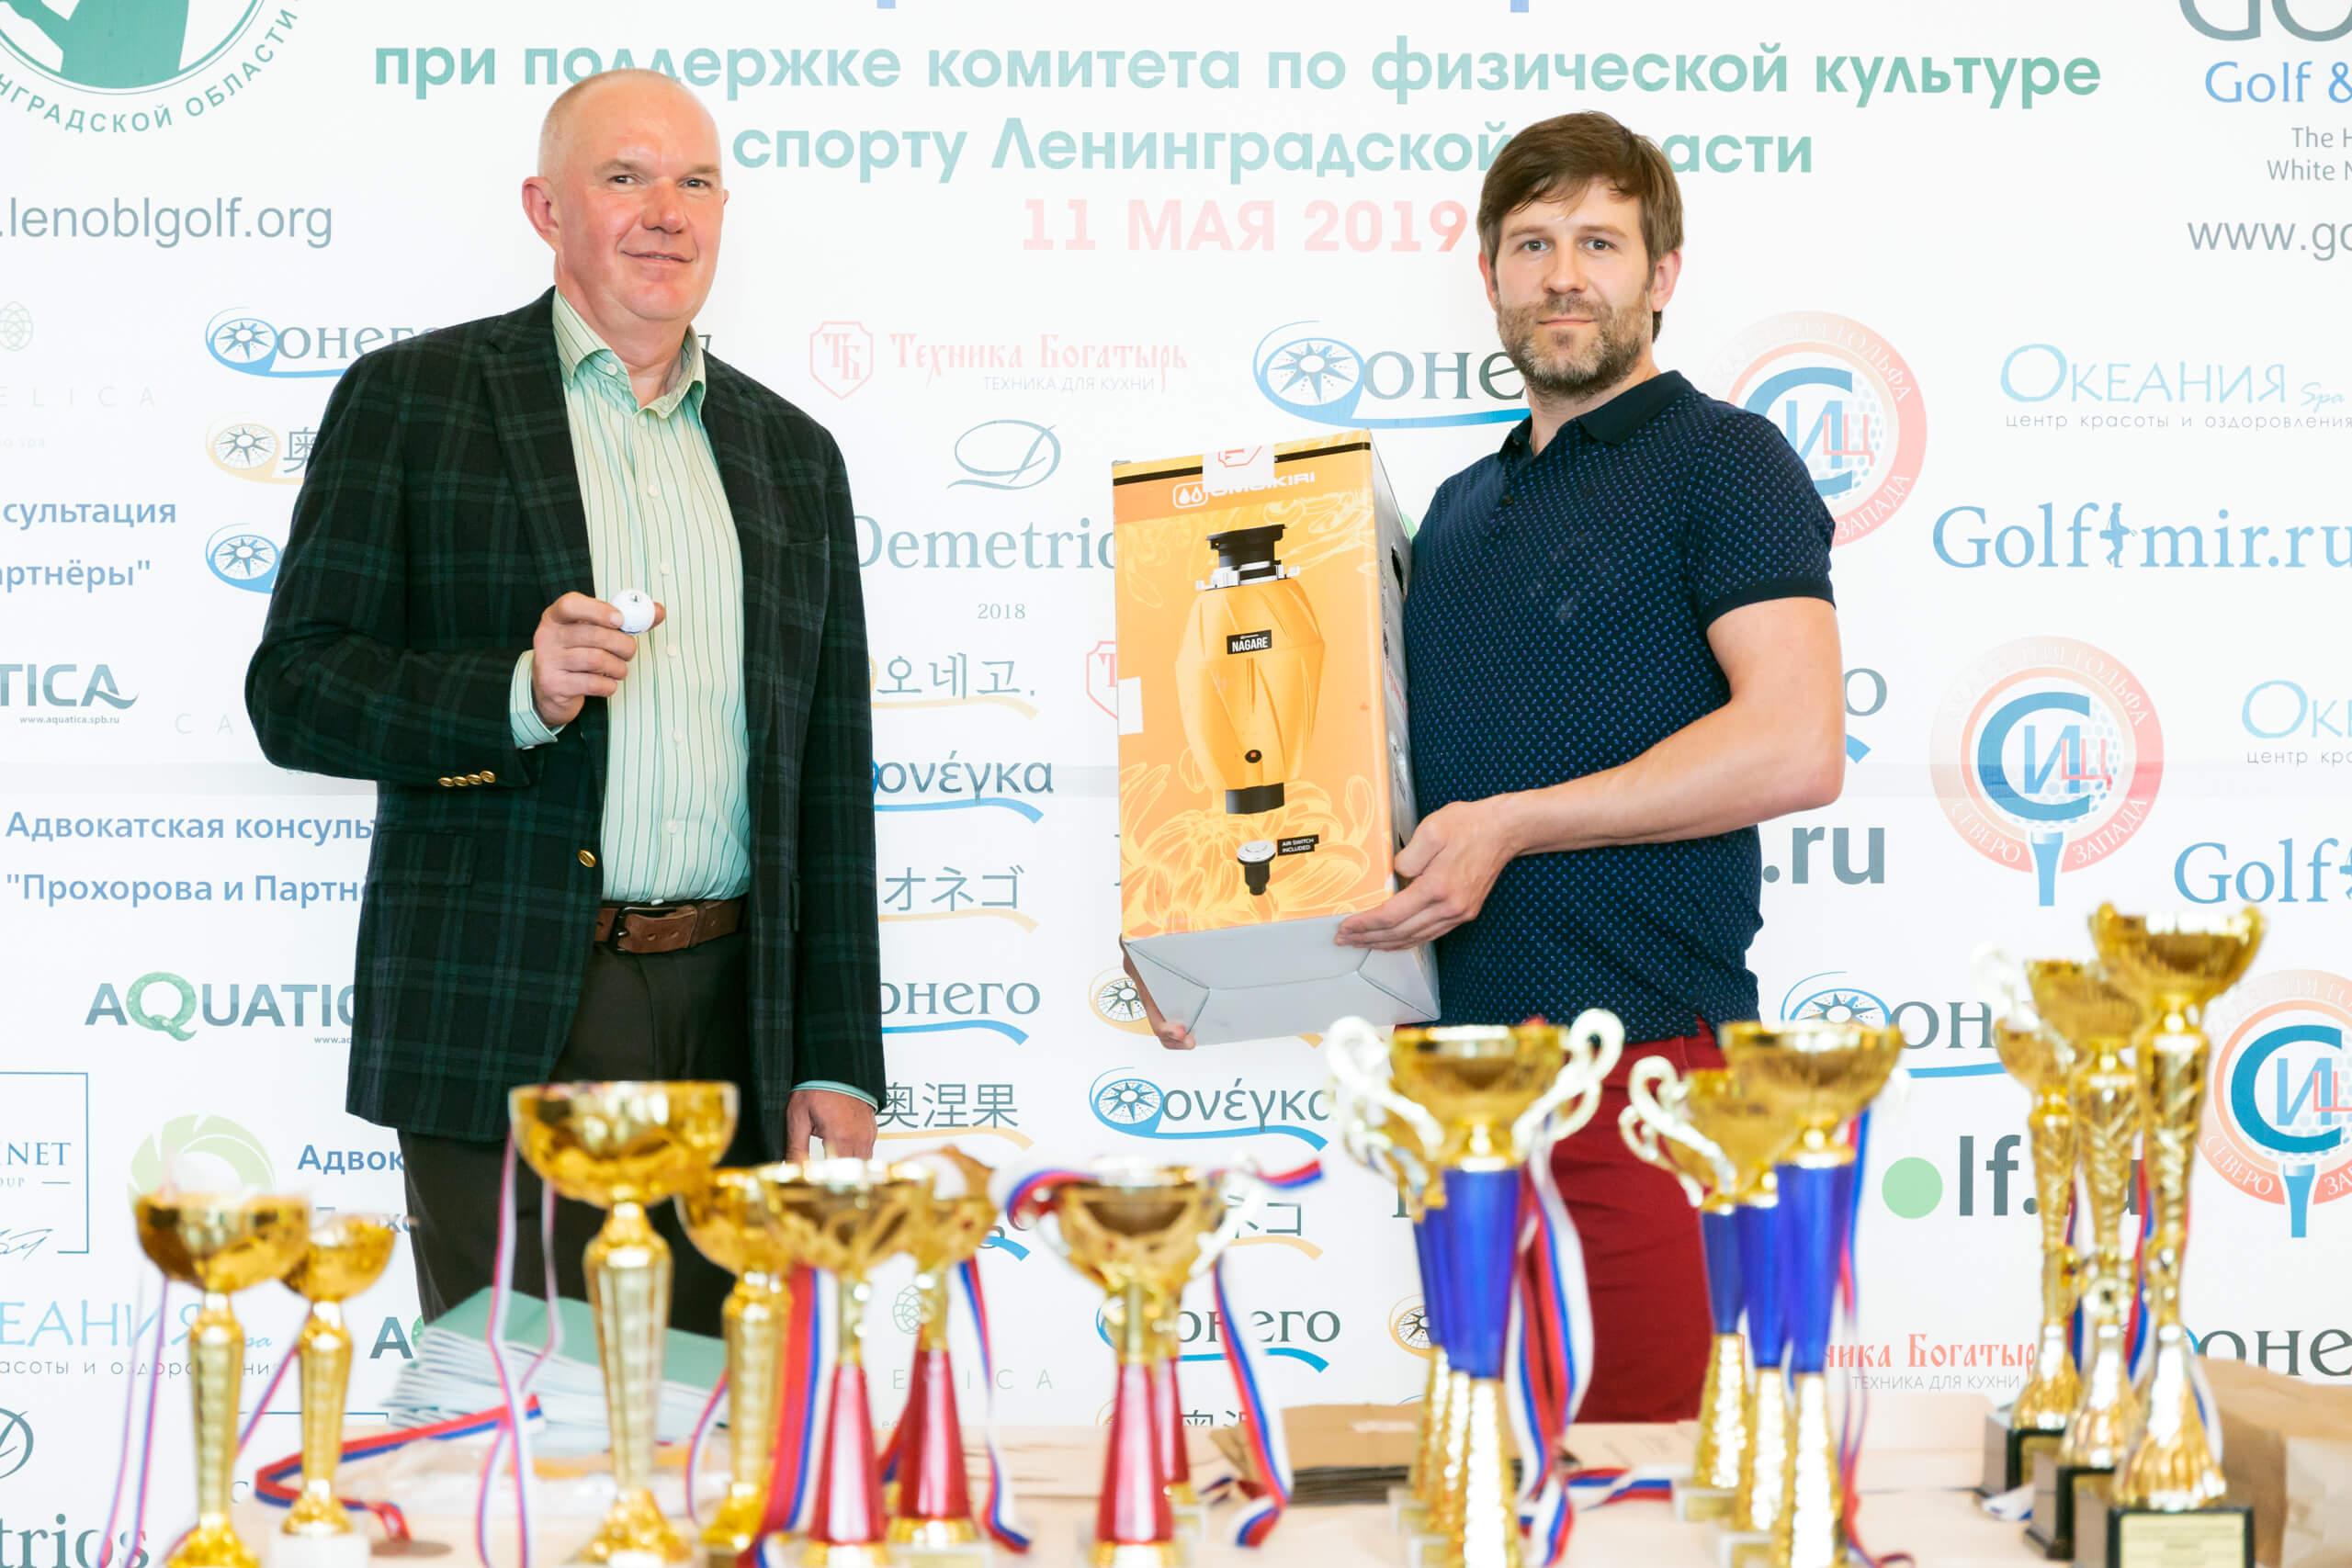 IV Ленинградские областные соревнования по гольфу среди среднего и старшего возрастов